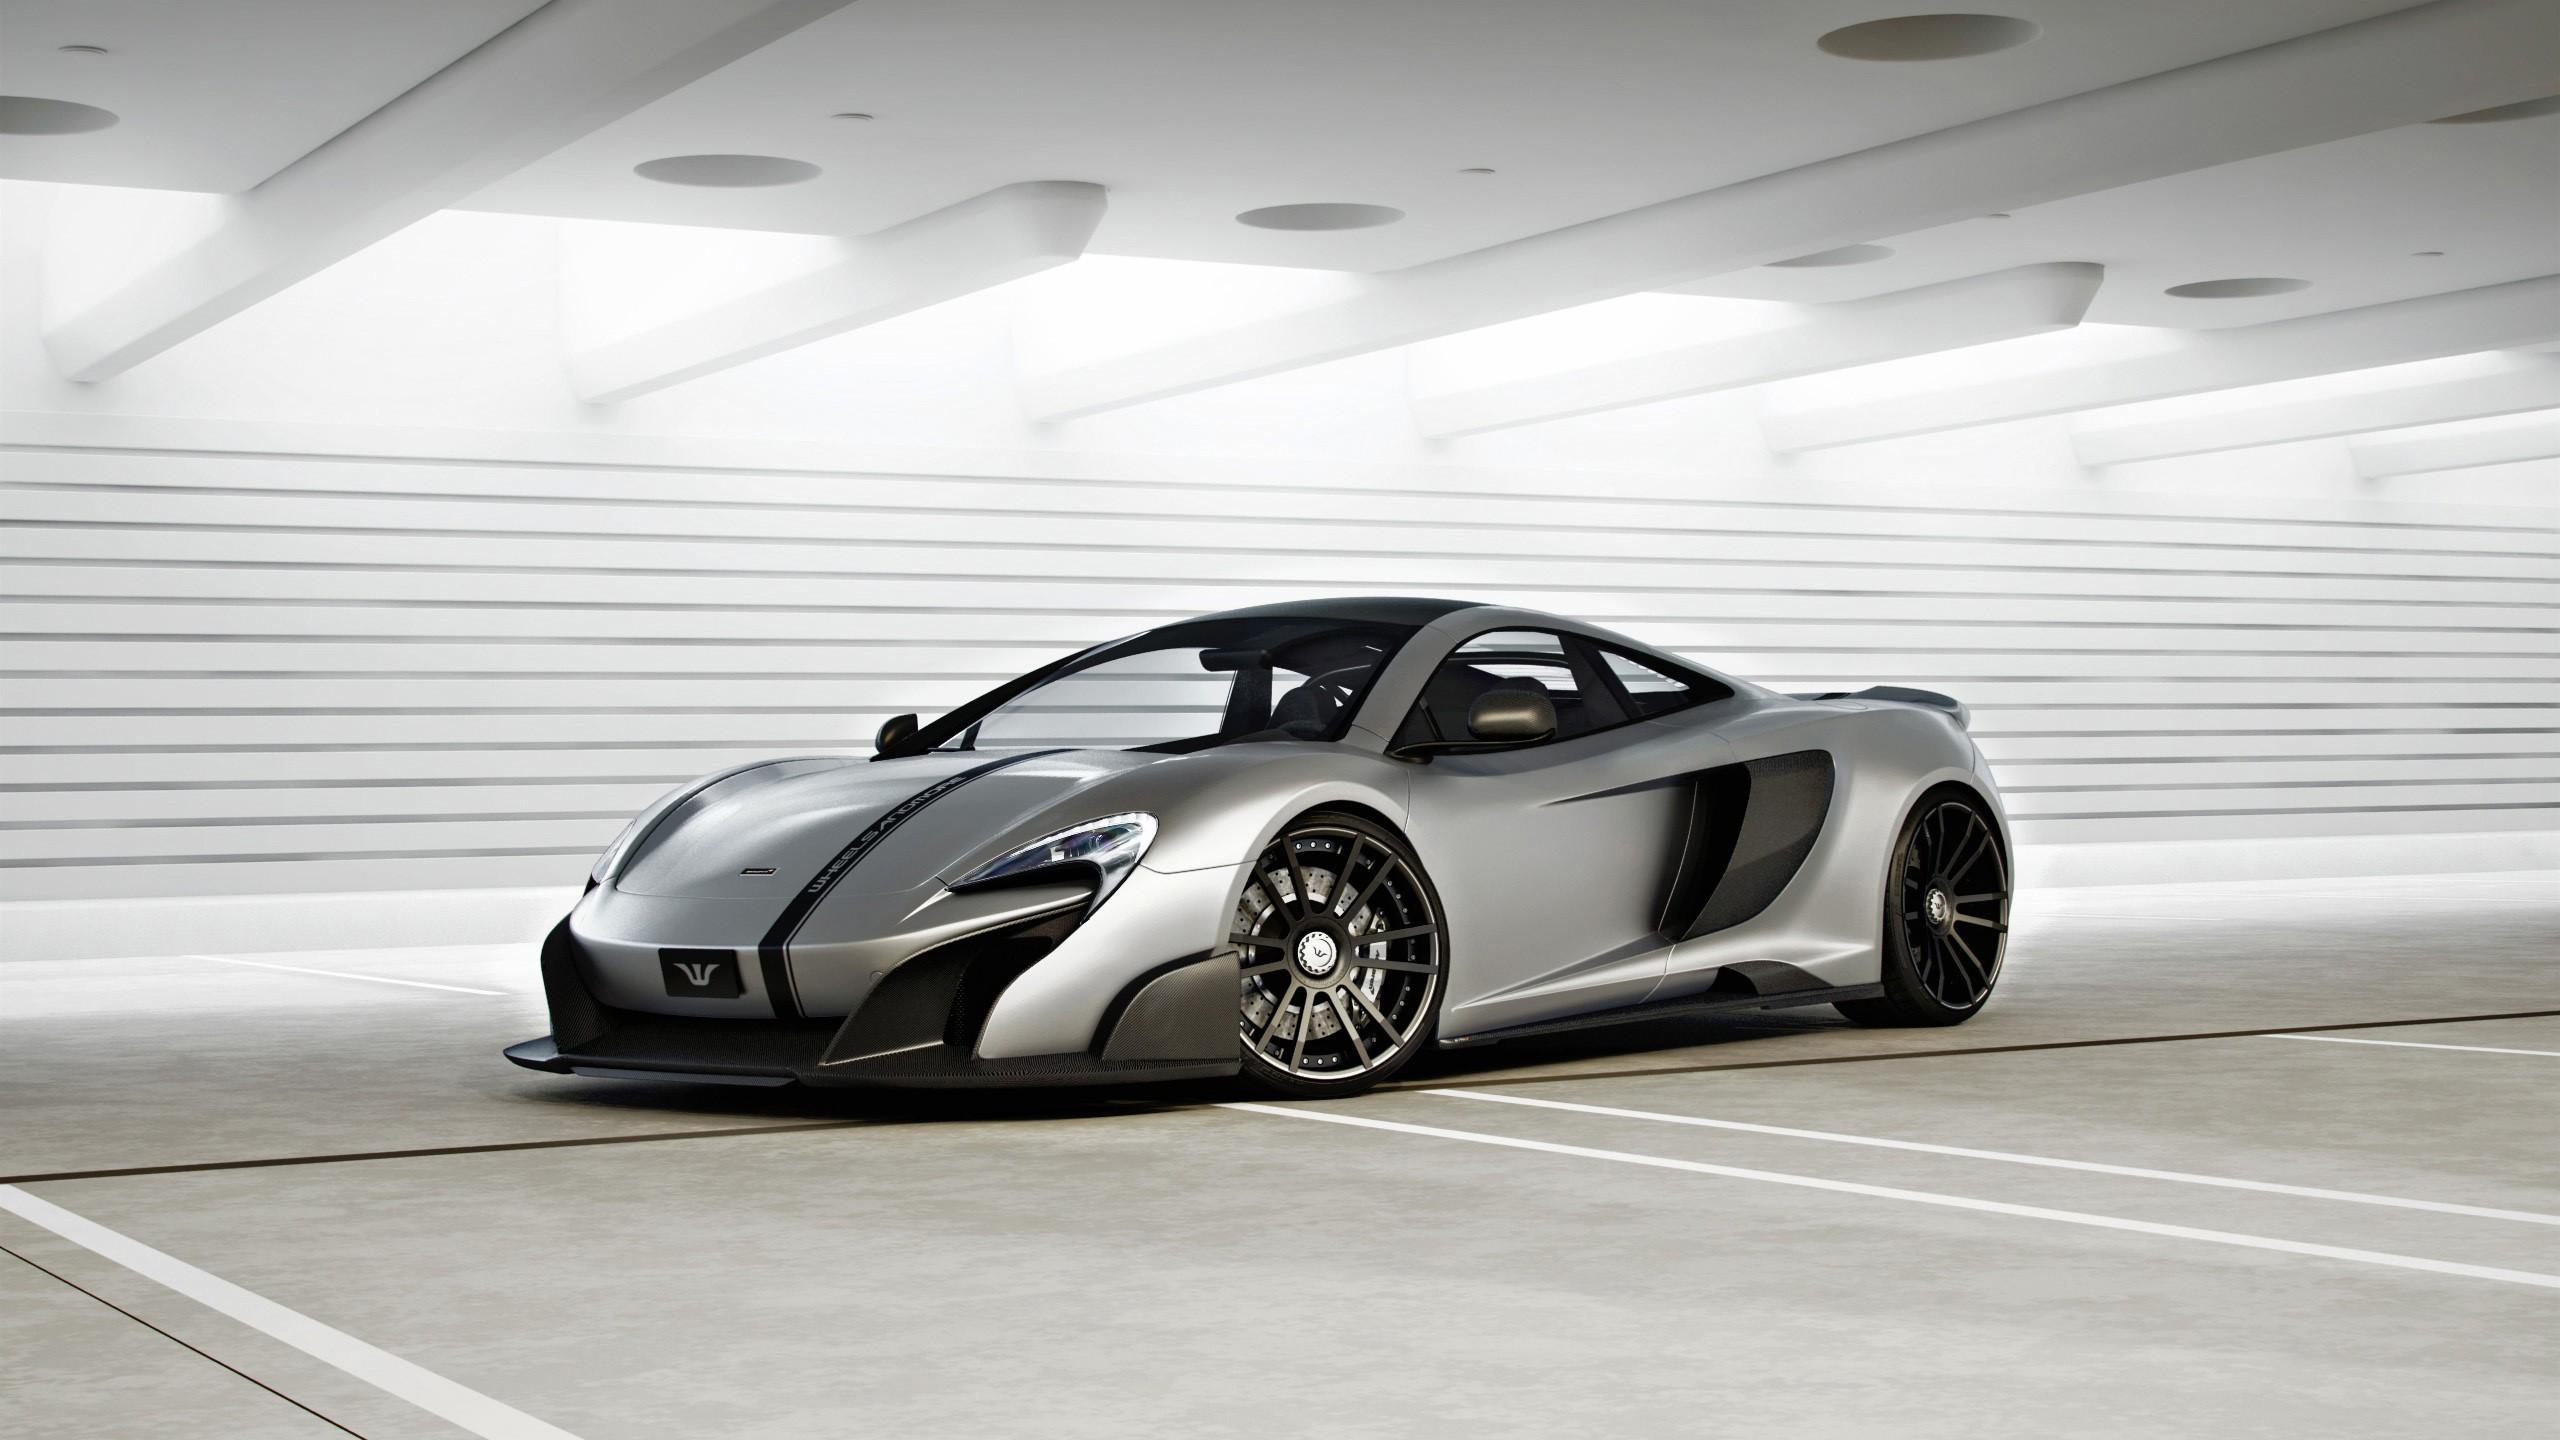 2015 Wheelsandmore McLaren 720 LT Wallpaper | HD Car ...